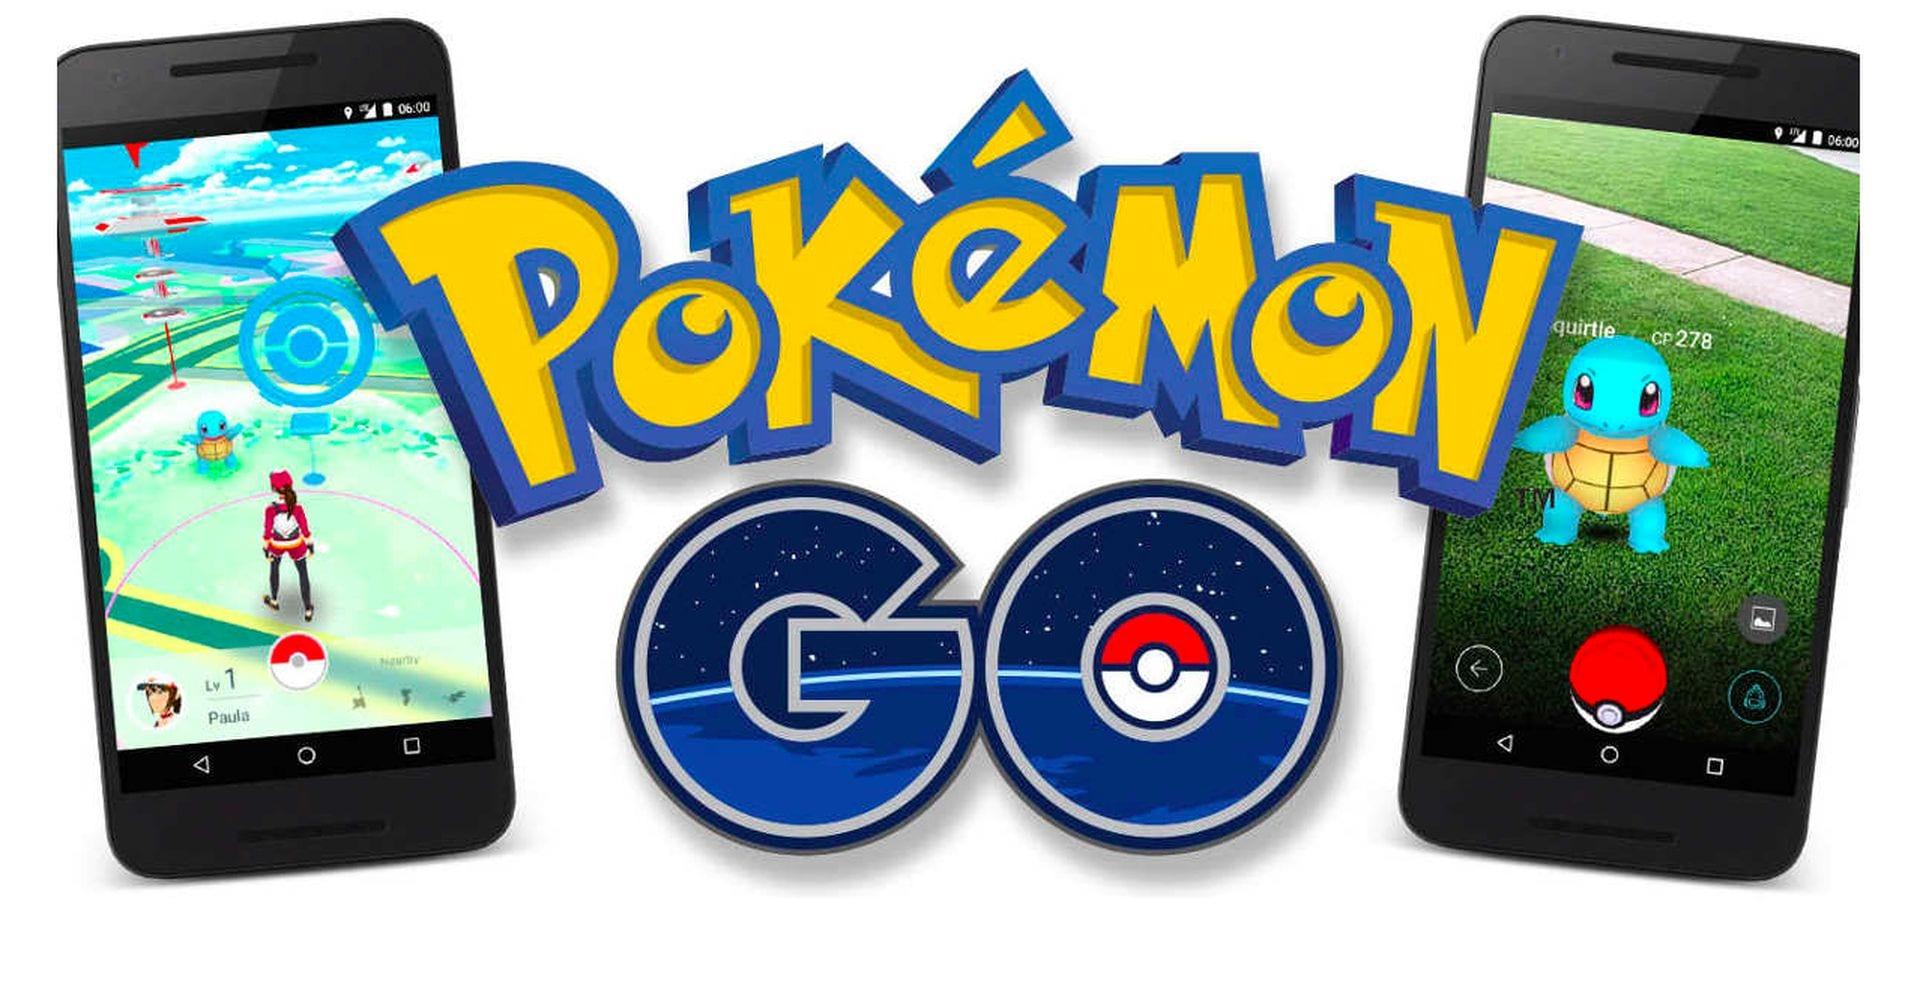 [APK] Descargar e instalar la nueva versión de Pokemon Go, conoce todas las novedades incluidas